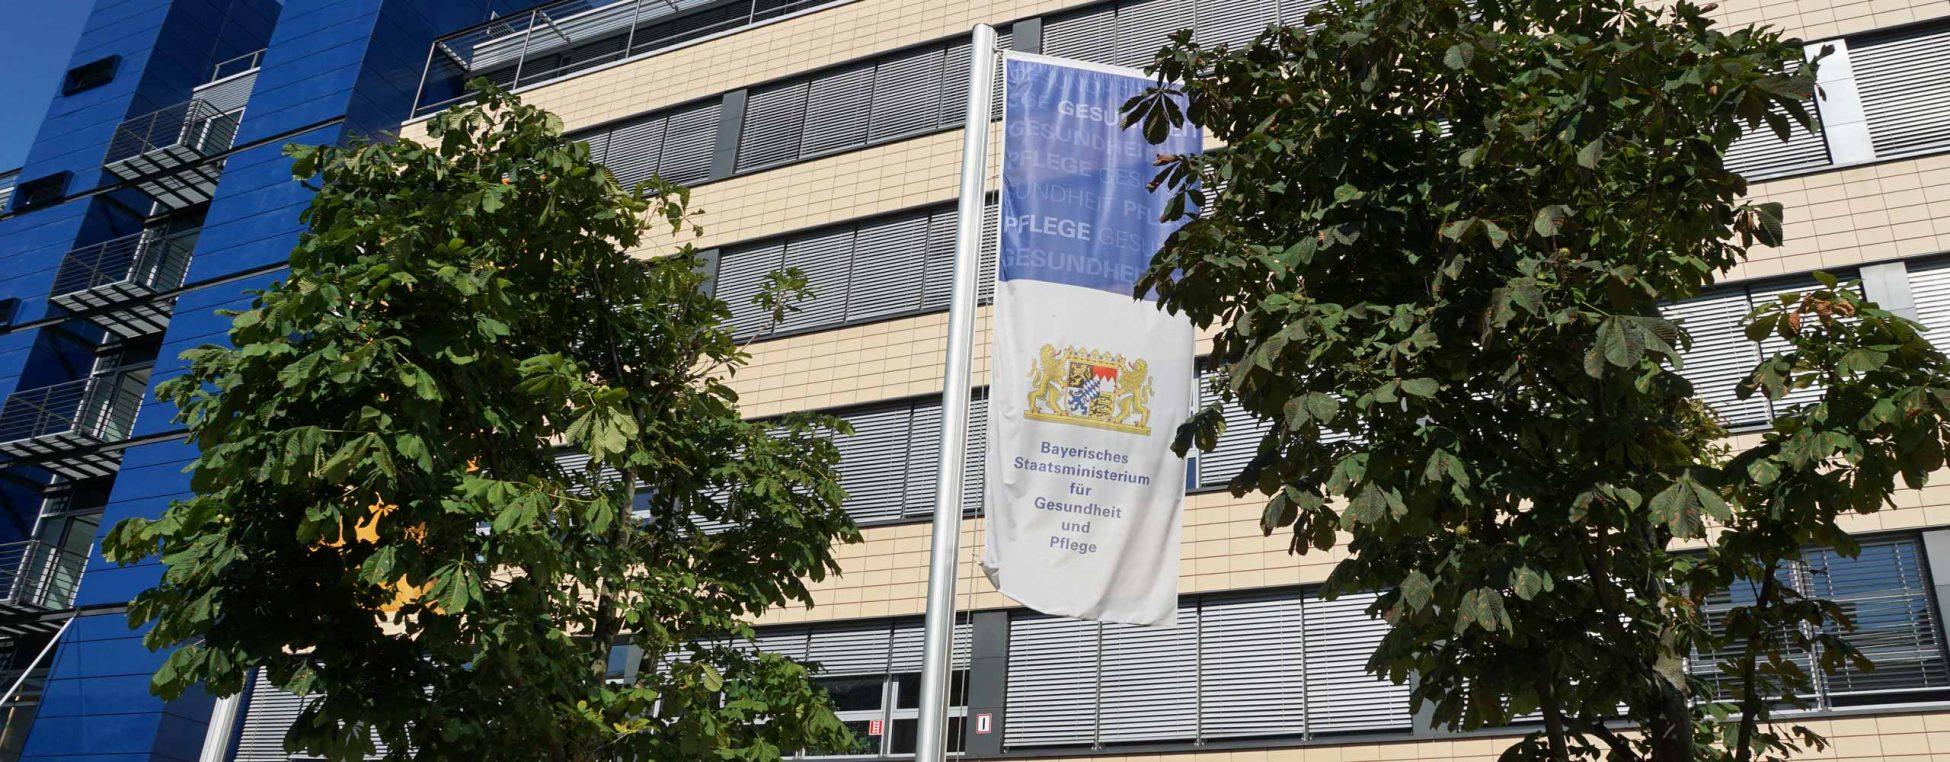 Flagge des Bayerischen Staatsministeriums für Gesundheit und Pflege vor dem Dienstgebäude in München